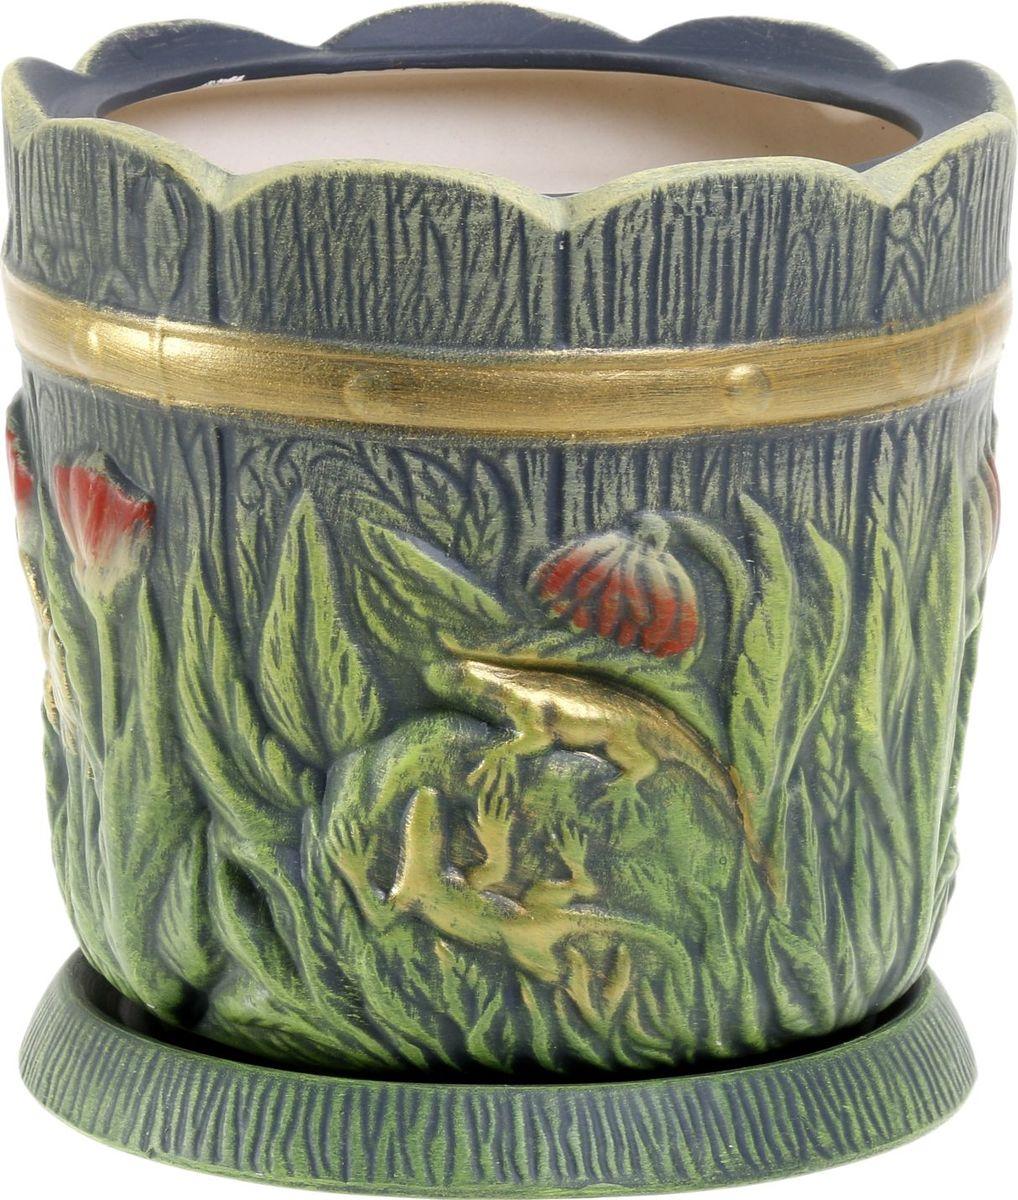 Кашпо Керамика ручной работы Поляна, цвет: темно-зеленый, 6 л1063320